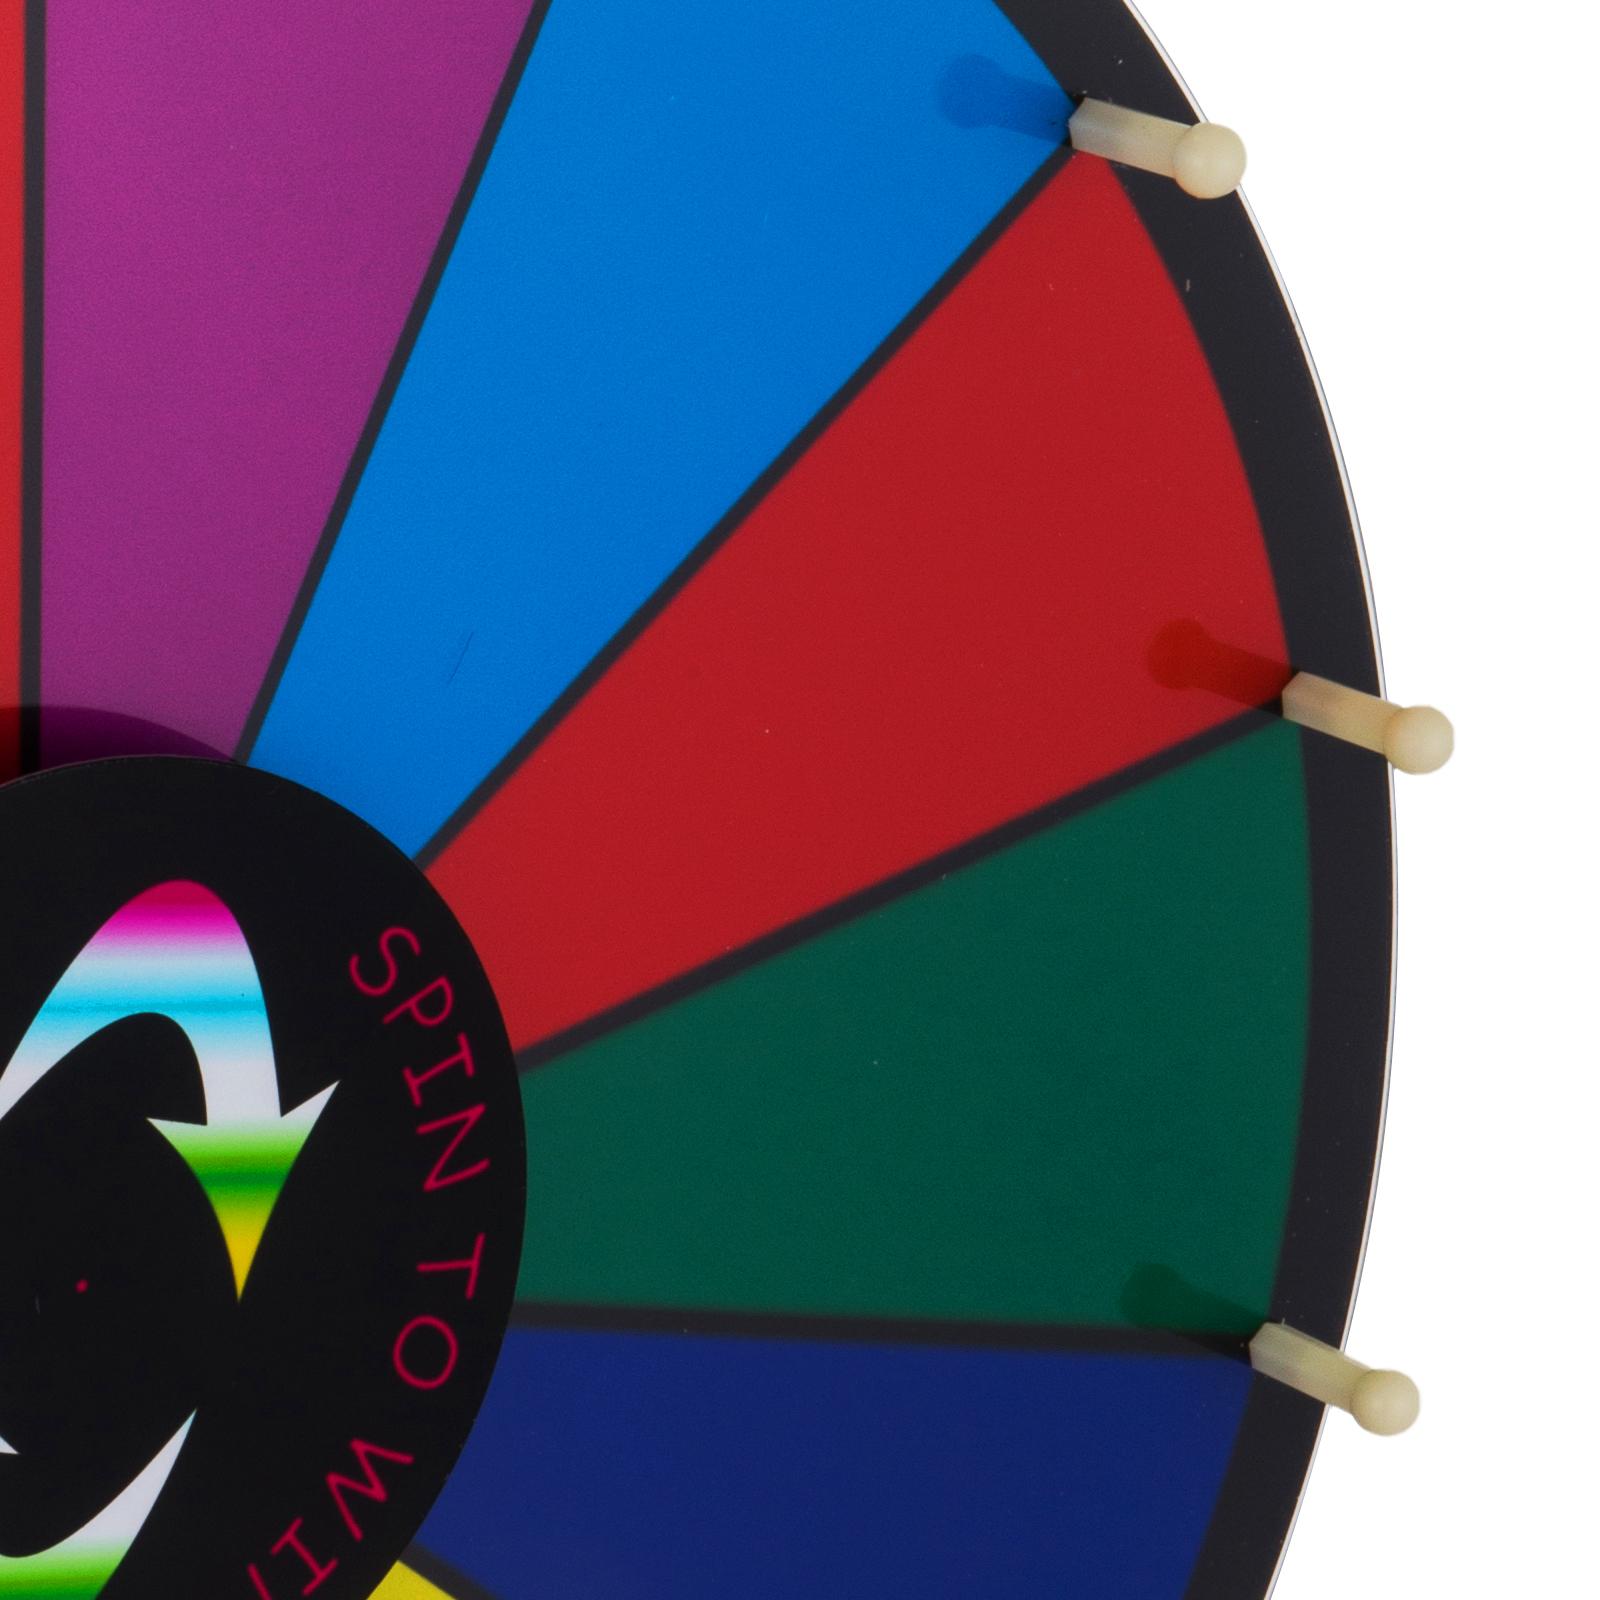 24-18-15-Ruota-Della-Fortuna-di-Colore-14-Slots-Gioco-Spin-Con-Supporto-Festa miniatura 56